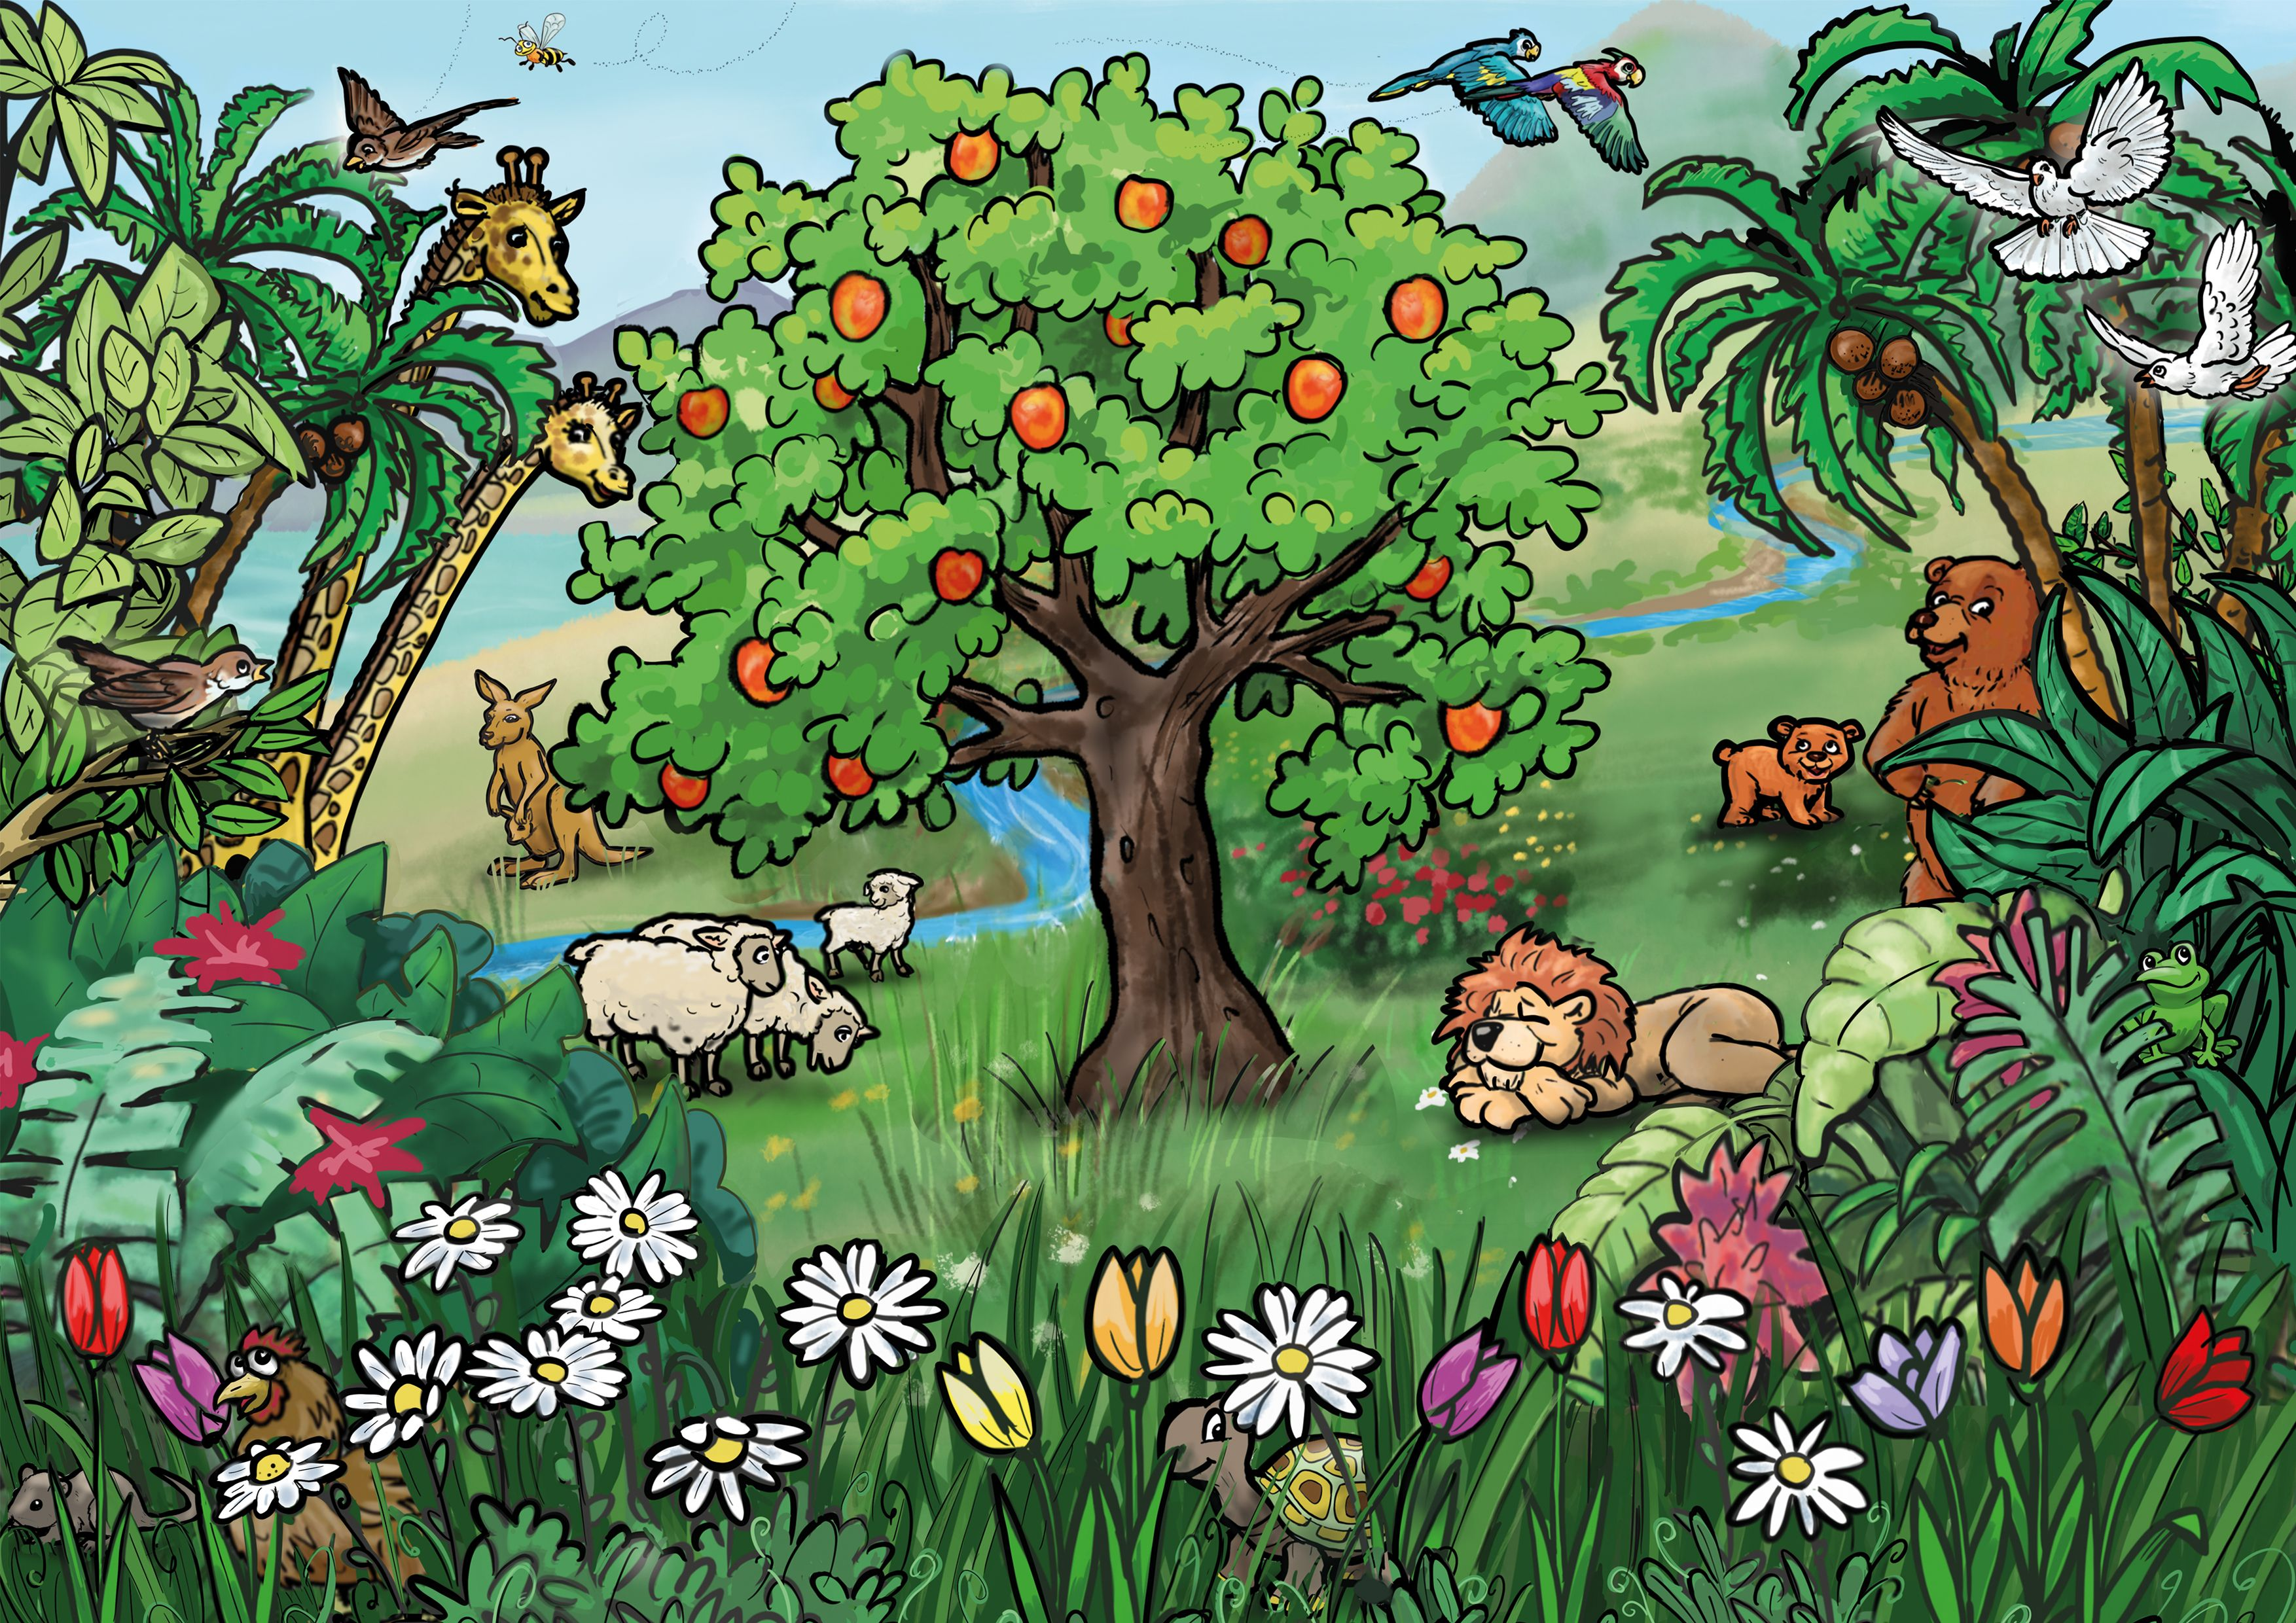 Adam Und Eva Im Garten Eden Bilder Zu Biblischen Geschichten Fur Vorschulkinder Adam Und Eva Sundenfall Bibel Geschichten